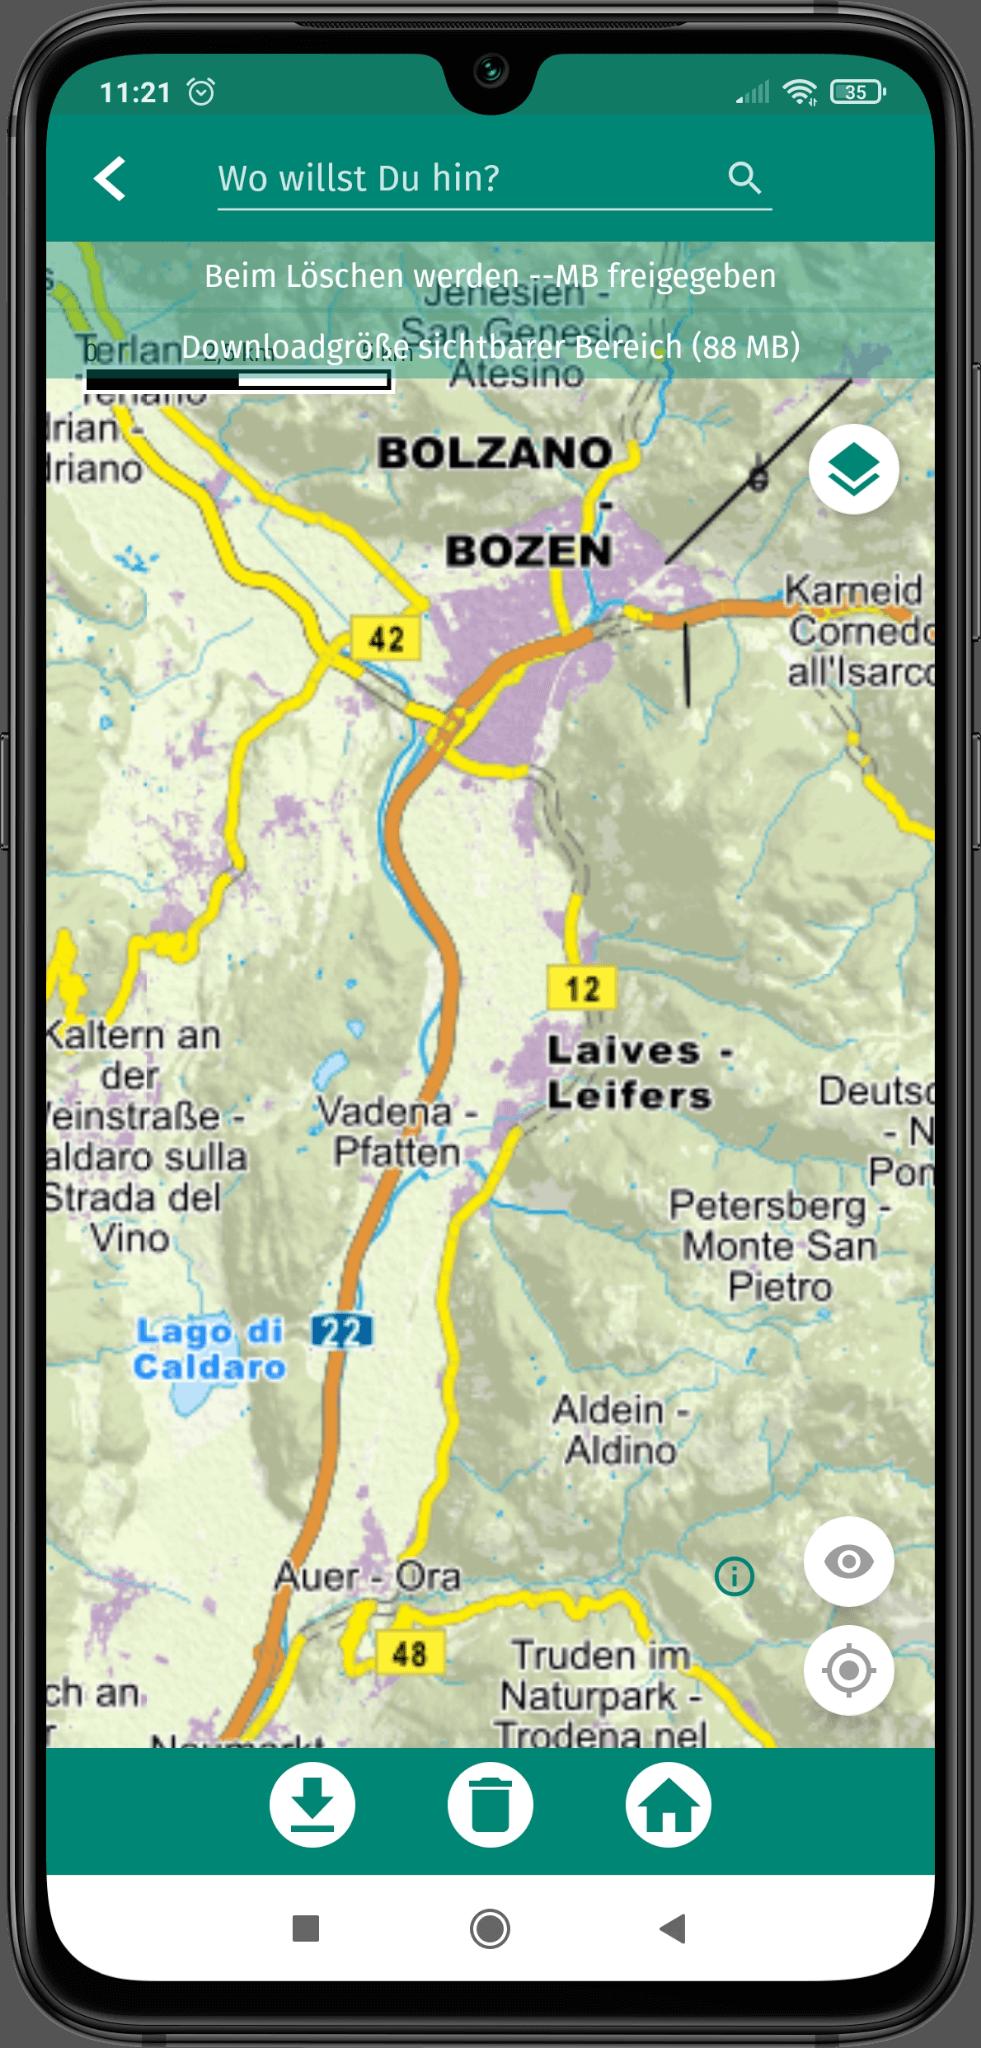 App Screenshot - Ansicht des Kartenbereiches